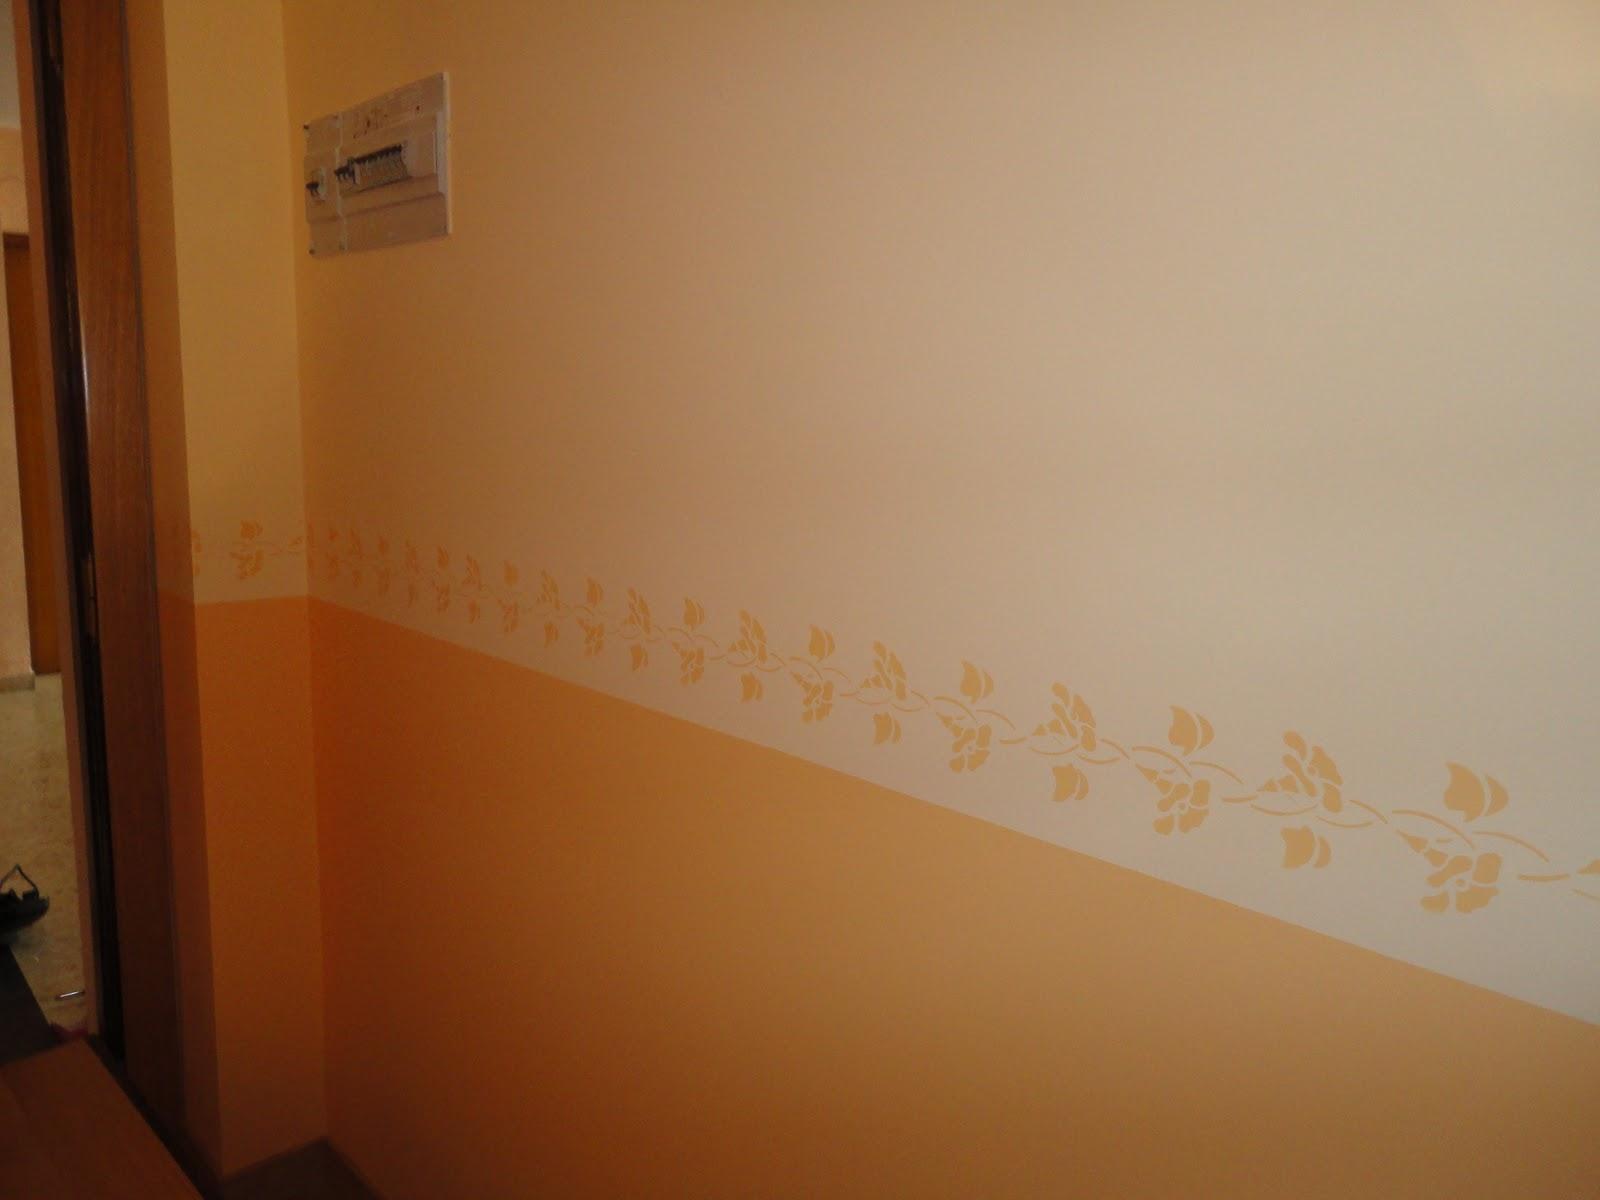 Pagina pruebas pintura decorativa david martinez - Pintar piso colores ...